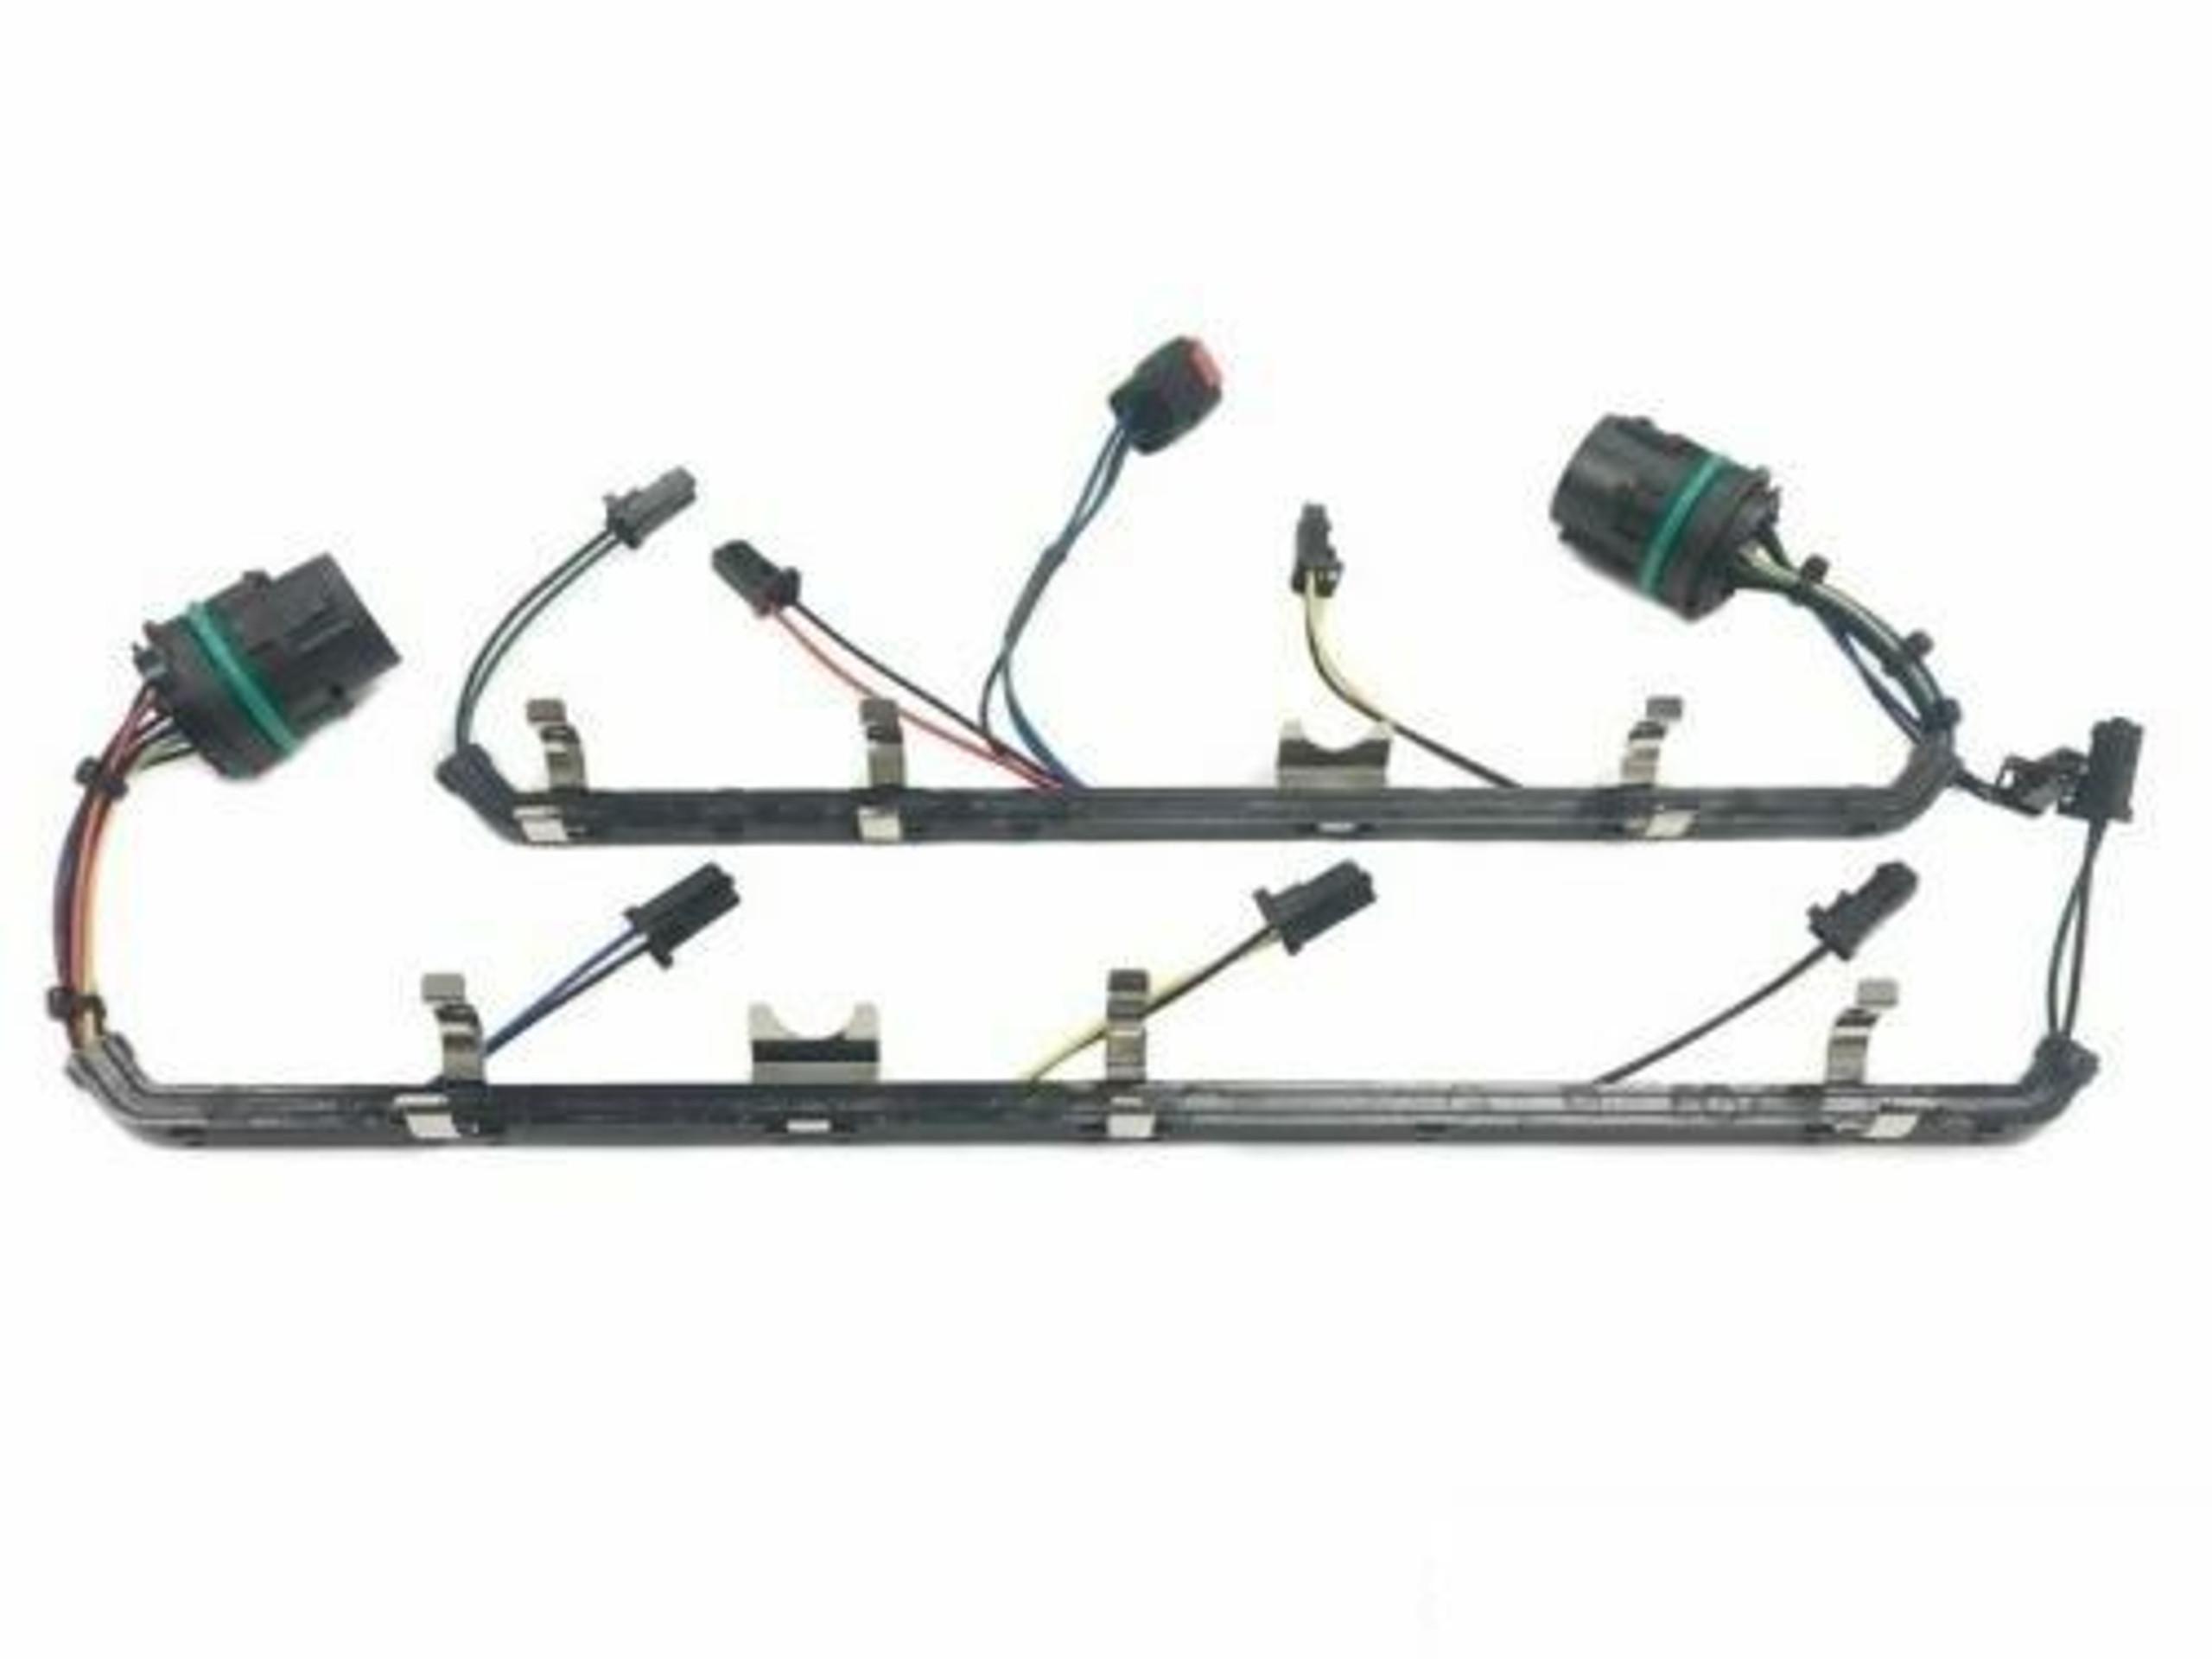 2008-2010 6.4L Ford Diesel Powerstroke Fuel Injector